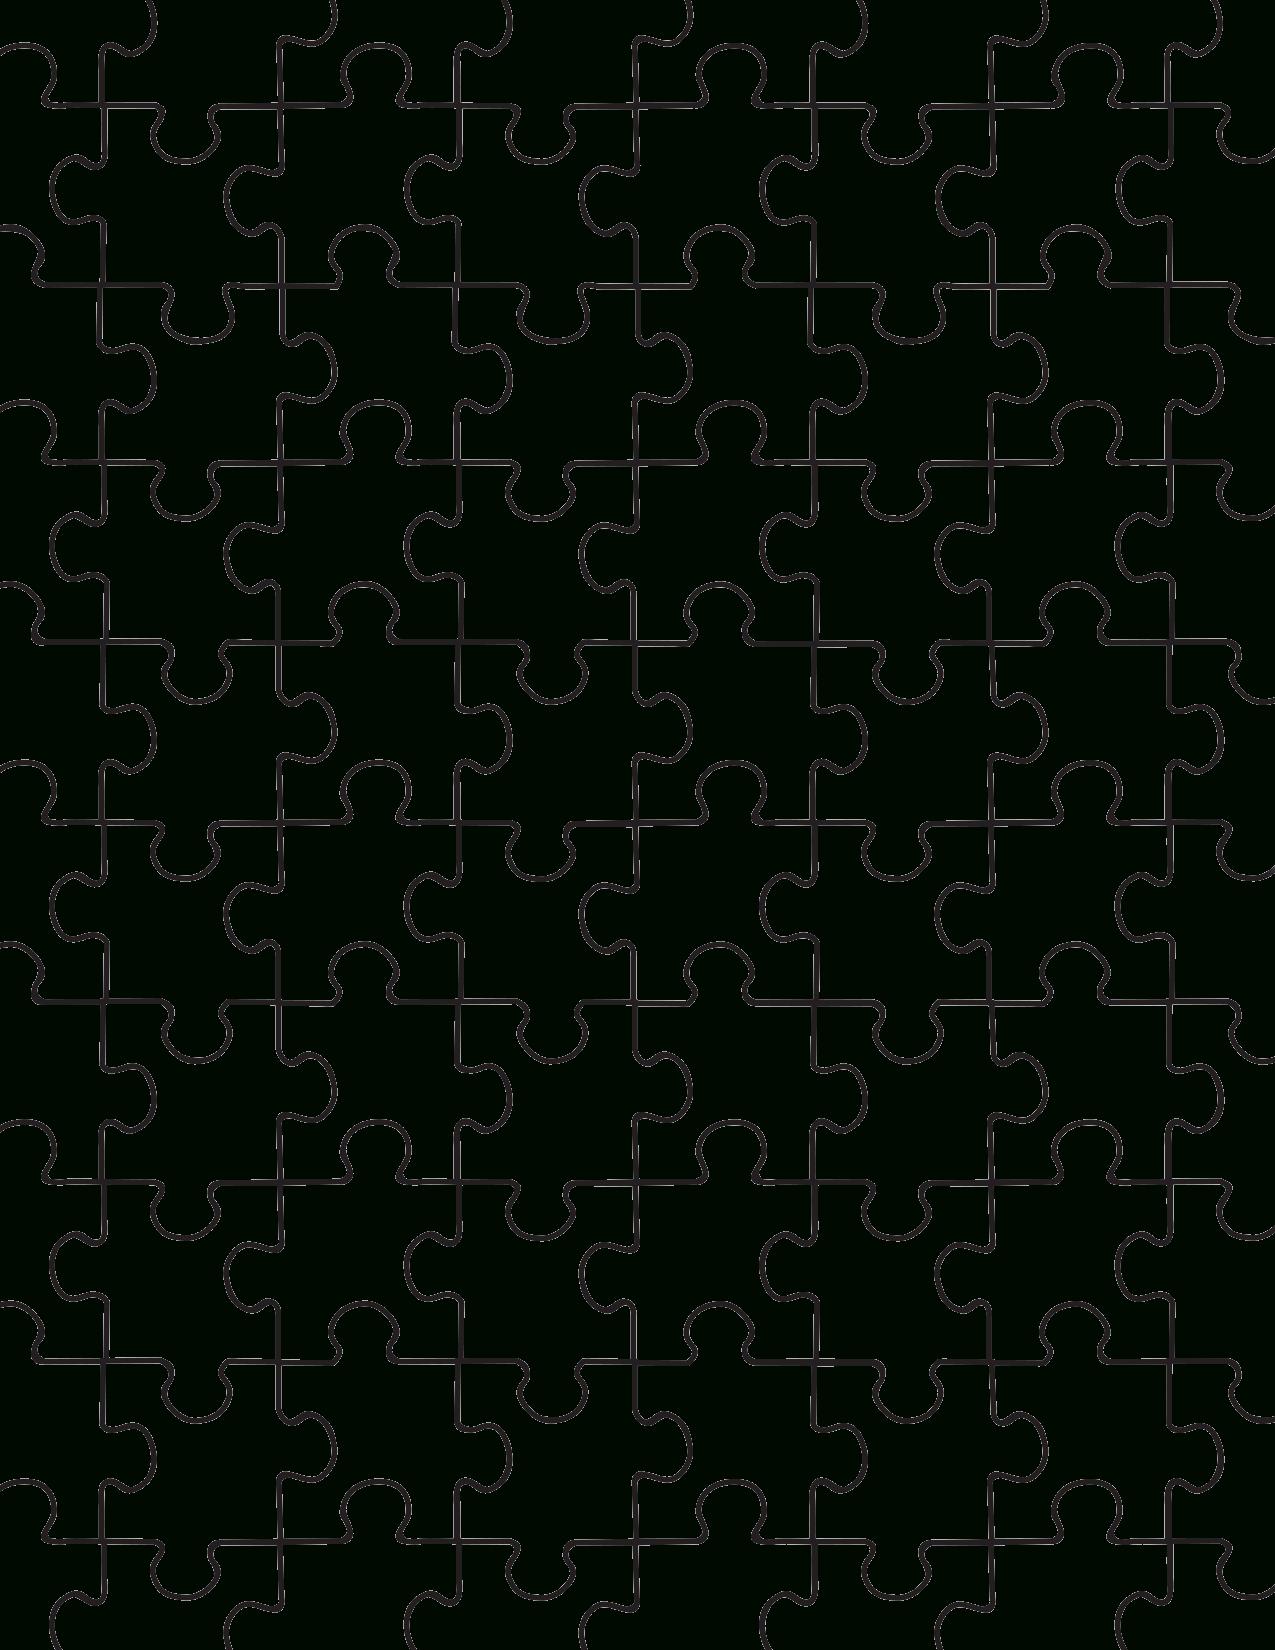 Printable Puzzle Pieces Template | Decor | Puzzle Piece Template - Printable Pictures Of Puzzle Pieces